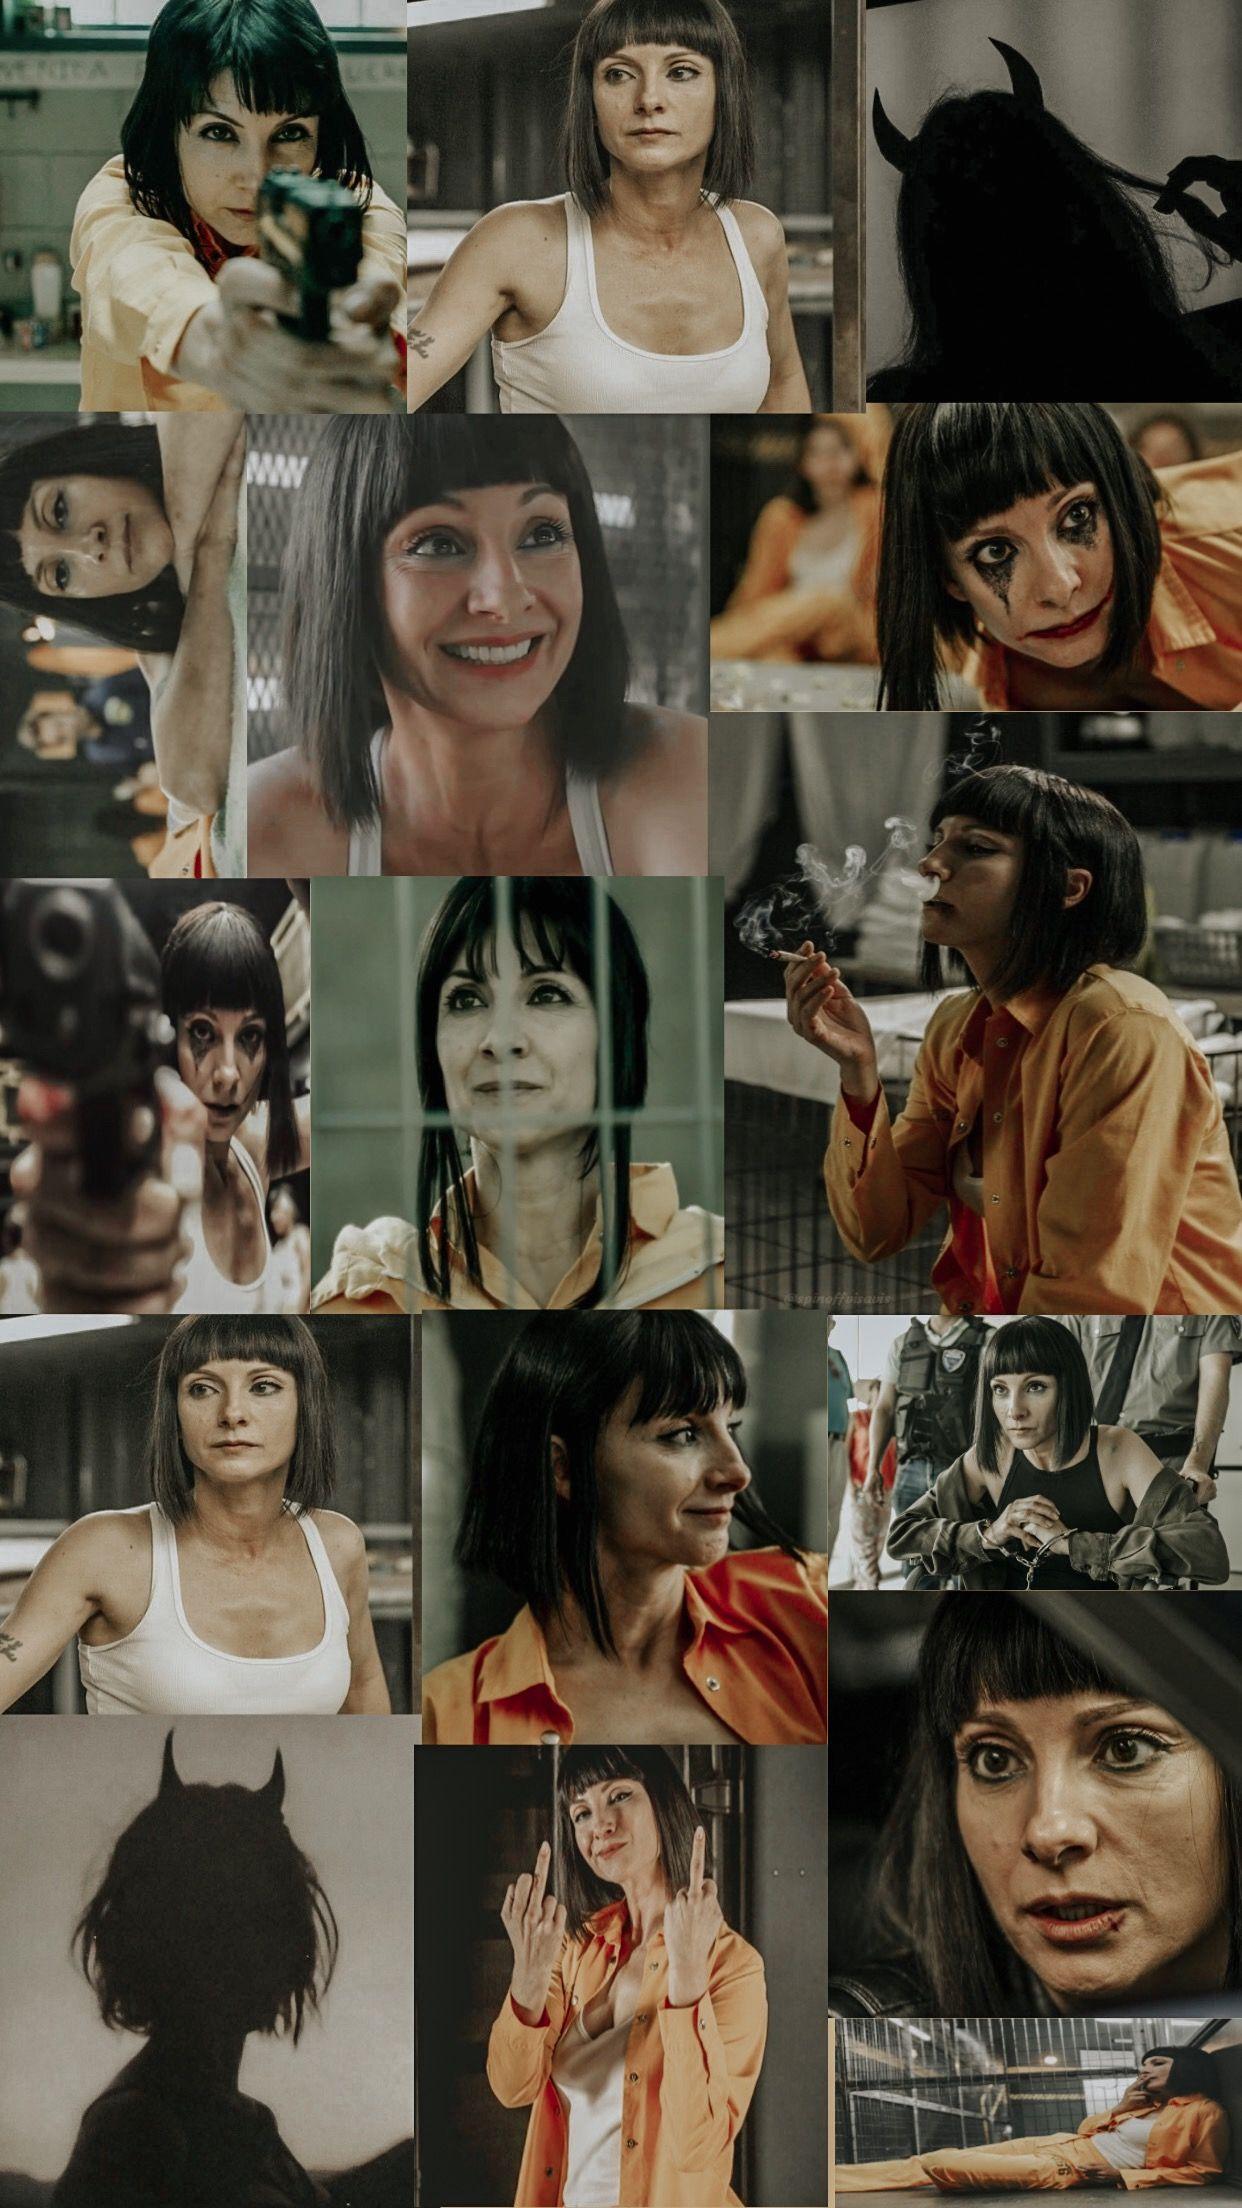 Zulema Zahir Wallpapers De Filmes Personagens De Filmes Netflix Filmes E Series